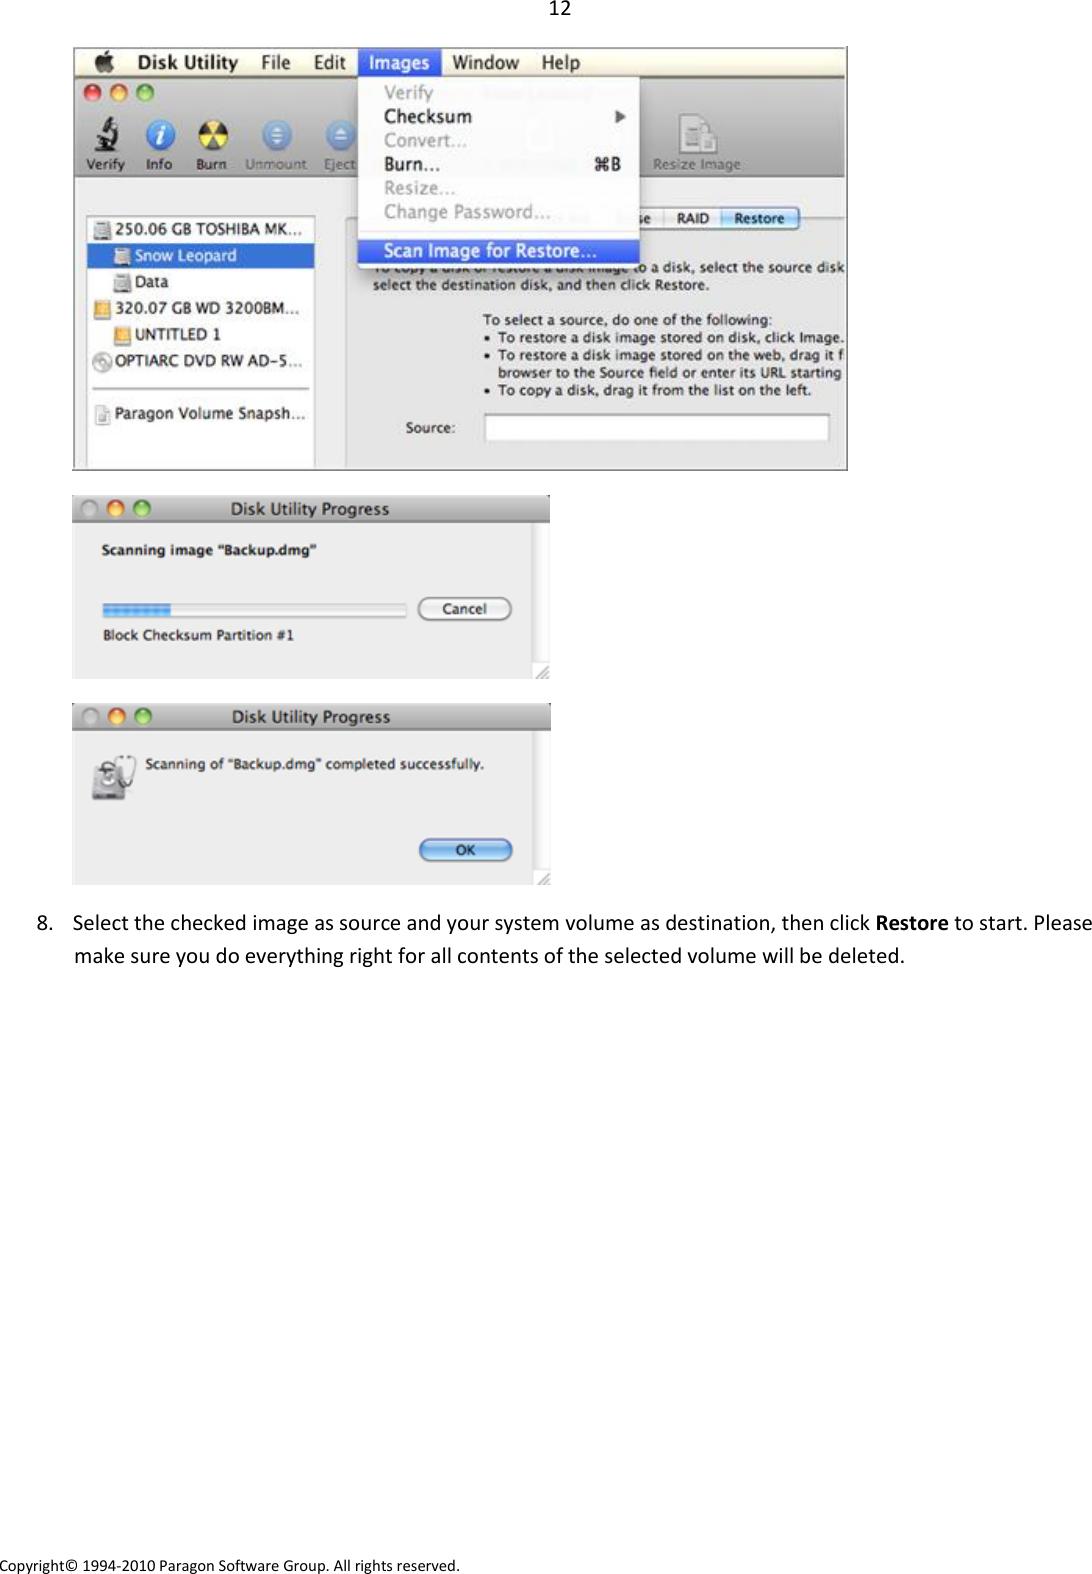 Paragon Volume Snapshot For Mac OS X User Manual En